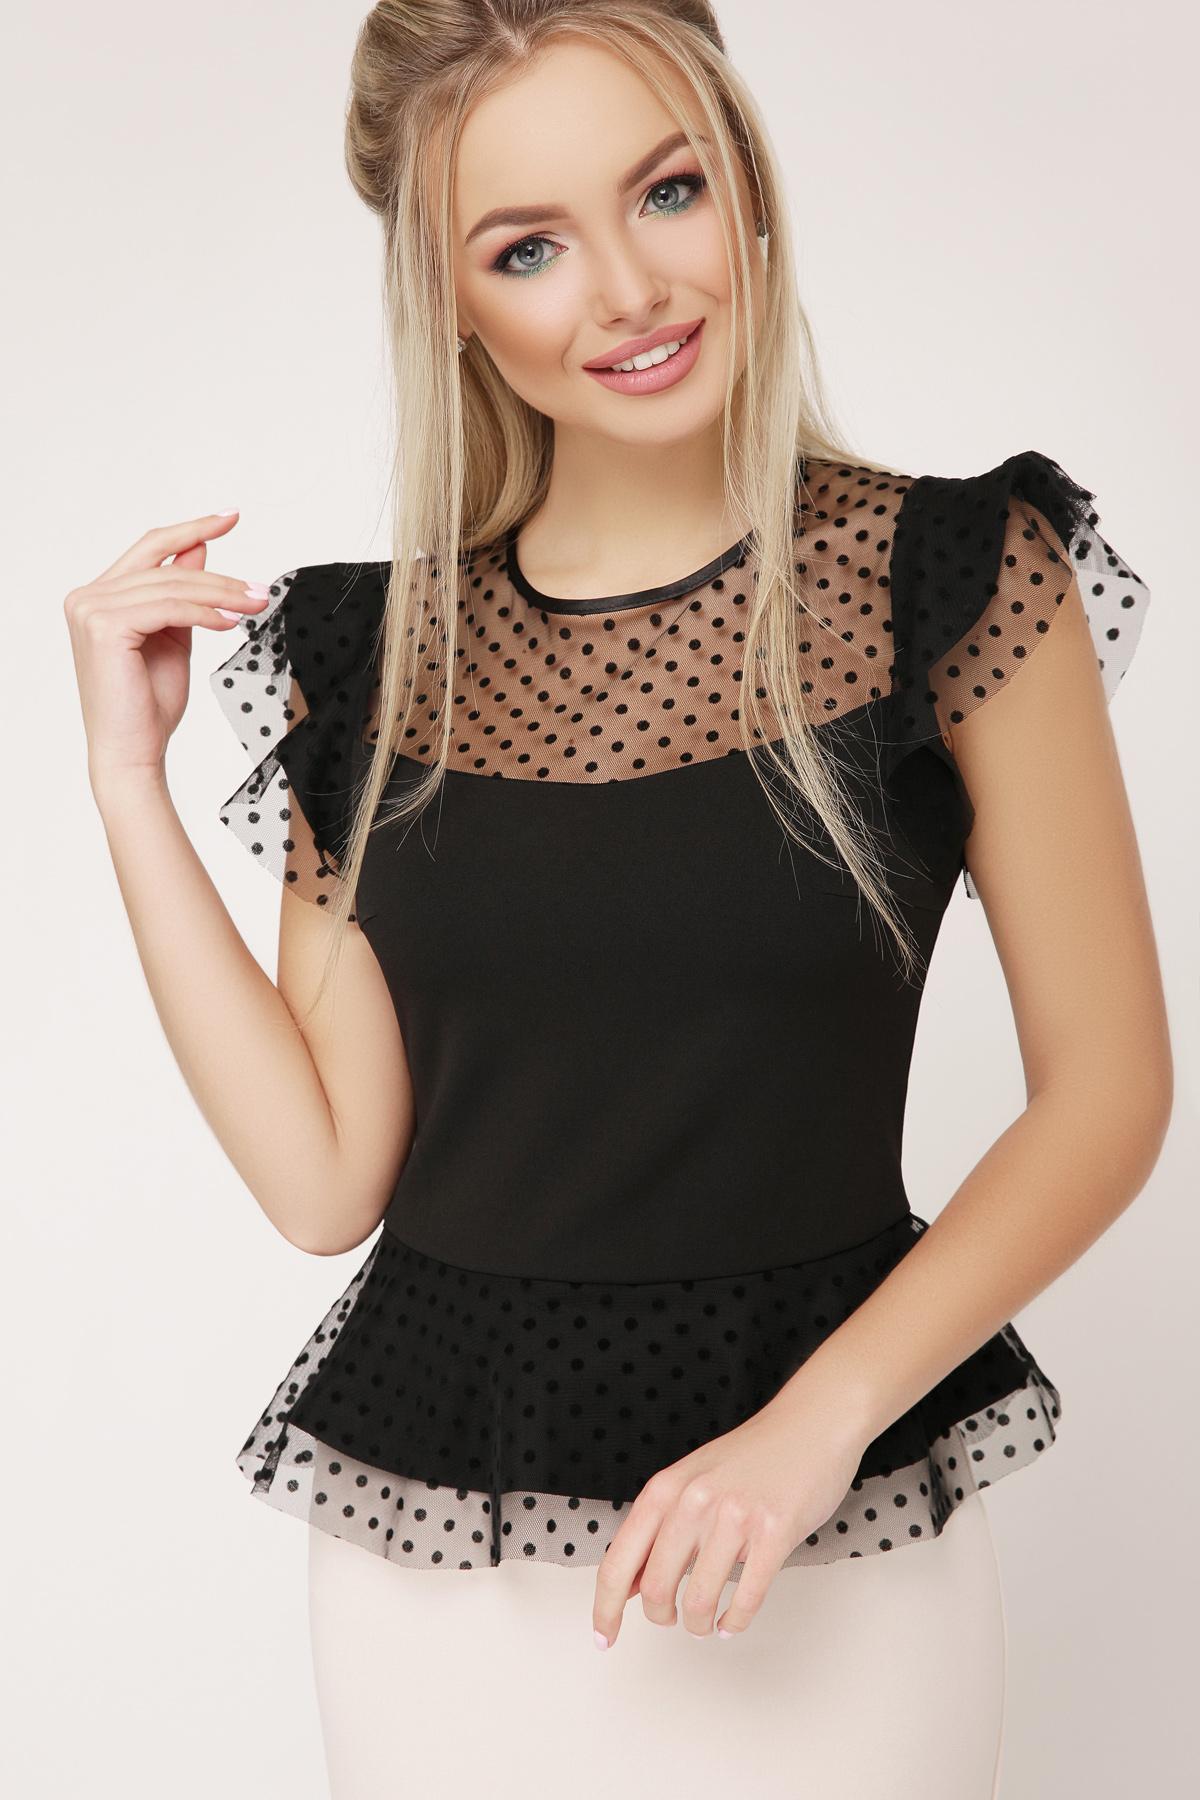 c92e814e975 черная блузка с баской. блуза Лайза б р. Цвет  черный купить ...